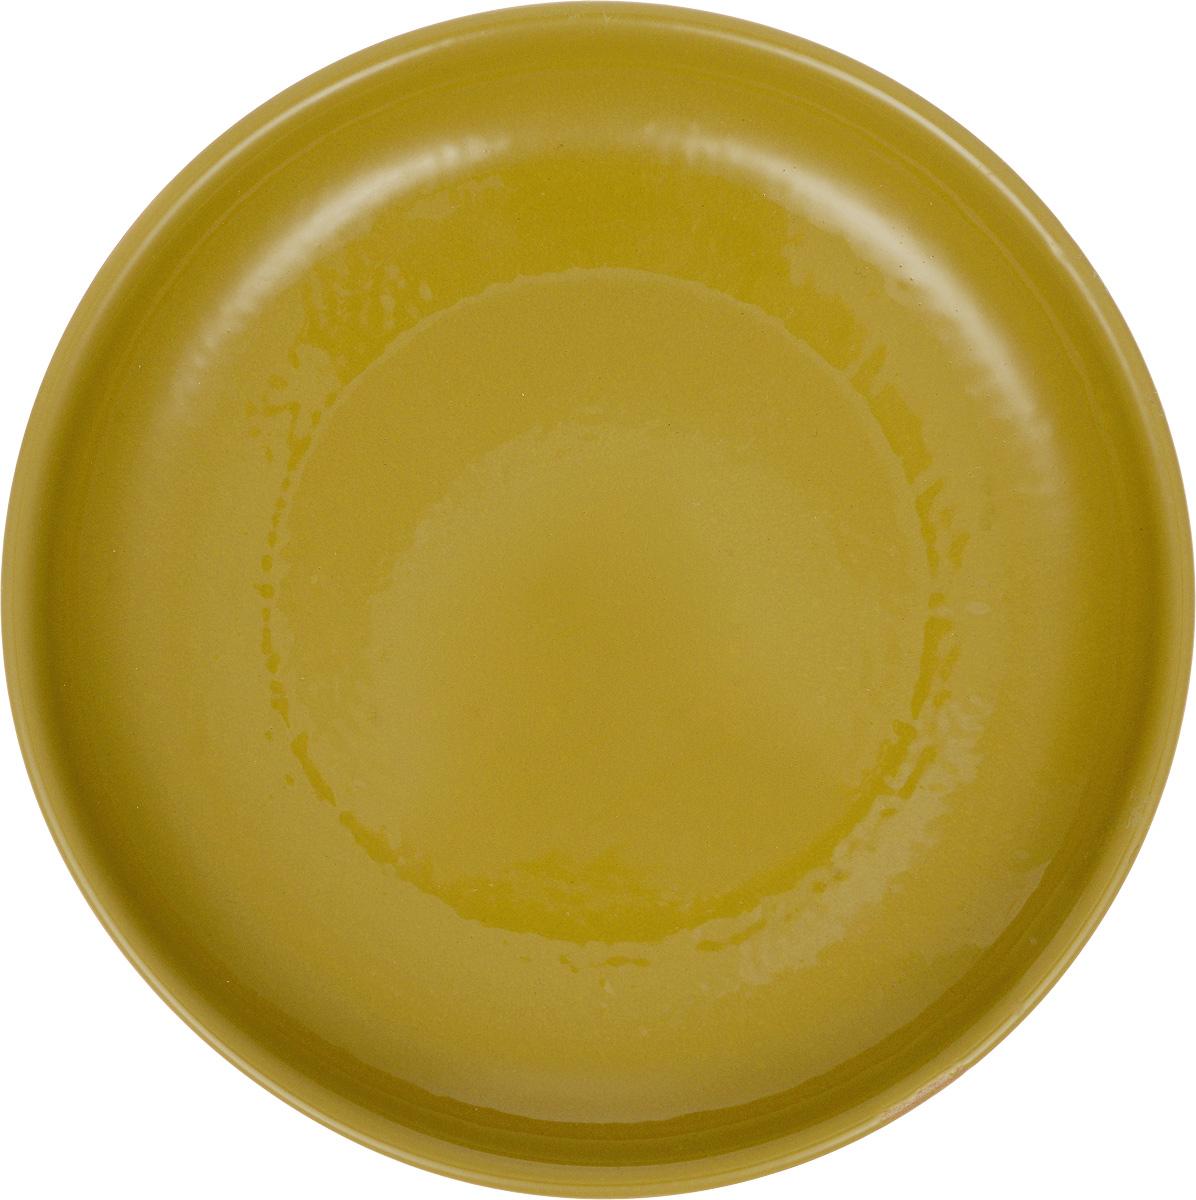 Тарелка Борисовская керамика Радуга, цвет: горчичный, диаметр 18 смFS-91909Тарелка Борисовская керамика Радуга, изготовленная из керамики, имеет изысканный внешний вид. Изделие идеально подойдет для сервировки стола. Тарелка отлично впишется в любой интерьер современной кухни и станет отличным подарком для вас и ваших близких.Можно использовать в духовке и микроволновой печи.Диаметр тарелки: 18 см.Высота тарелки: 3 см.